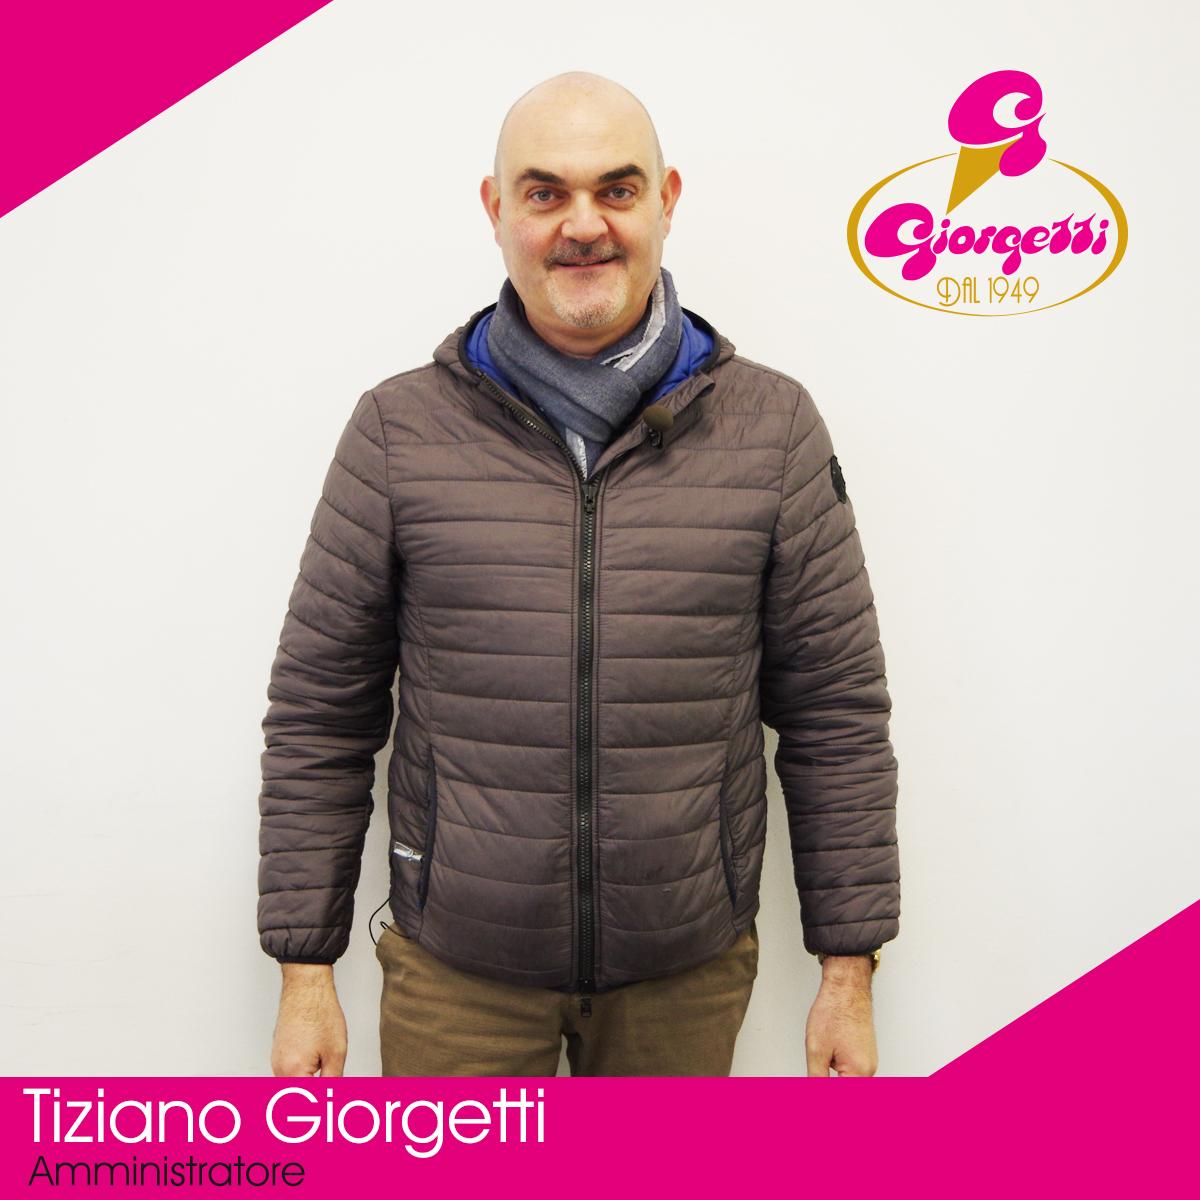 Tiziano Giorgetti